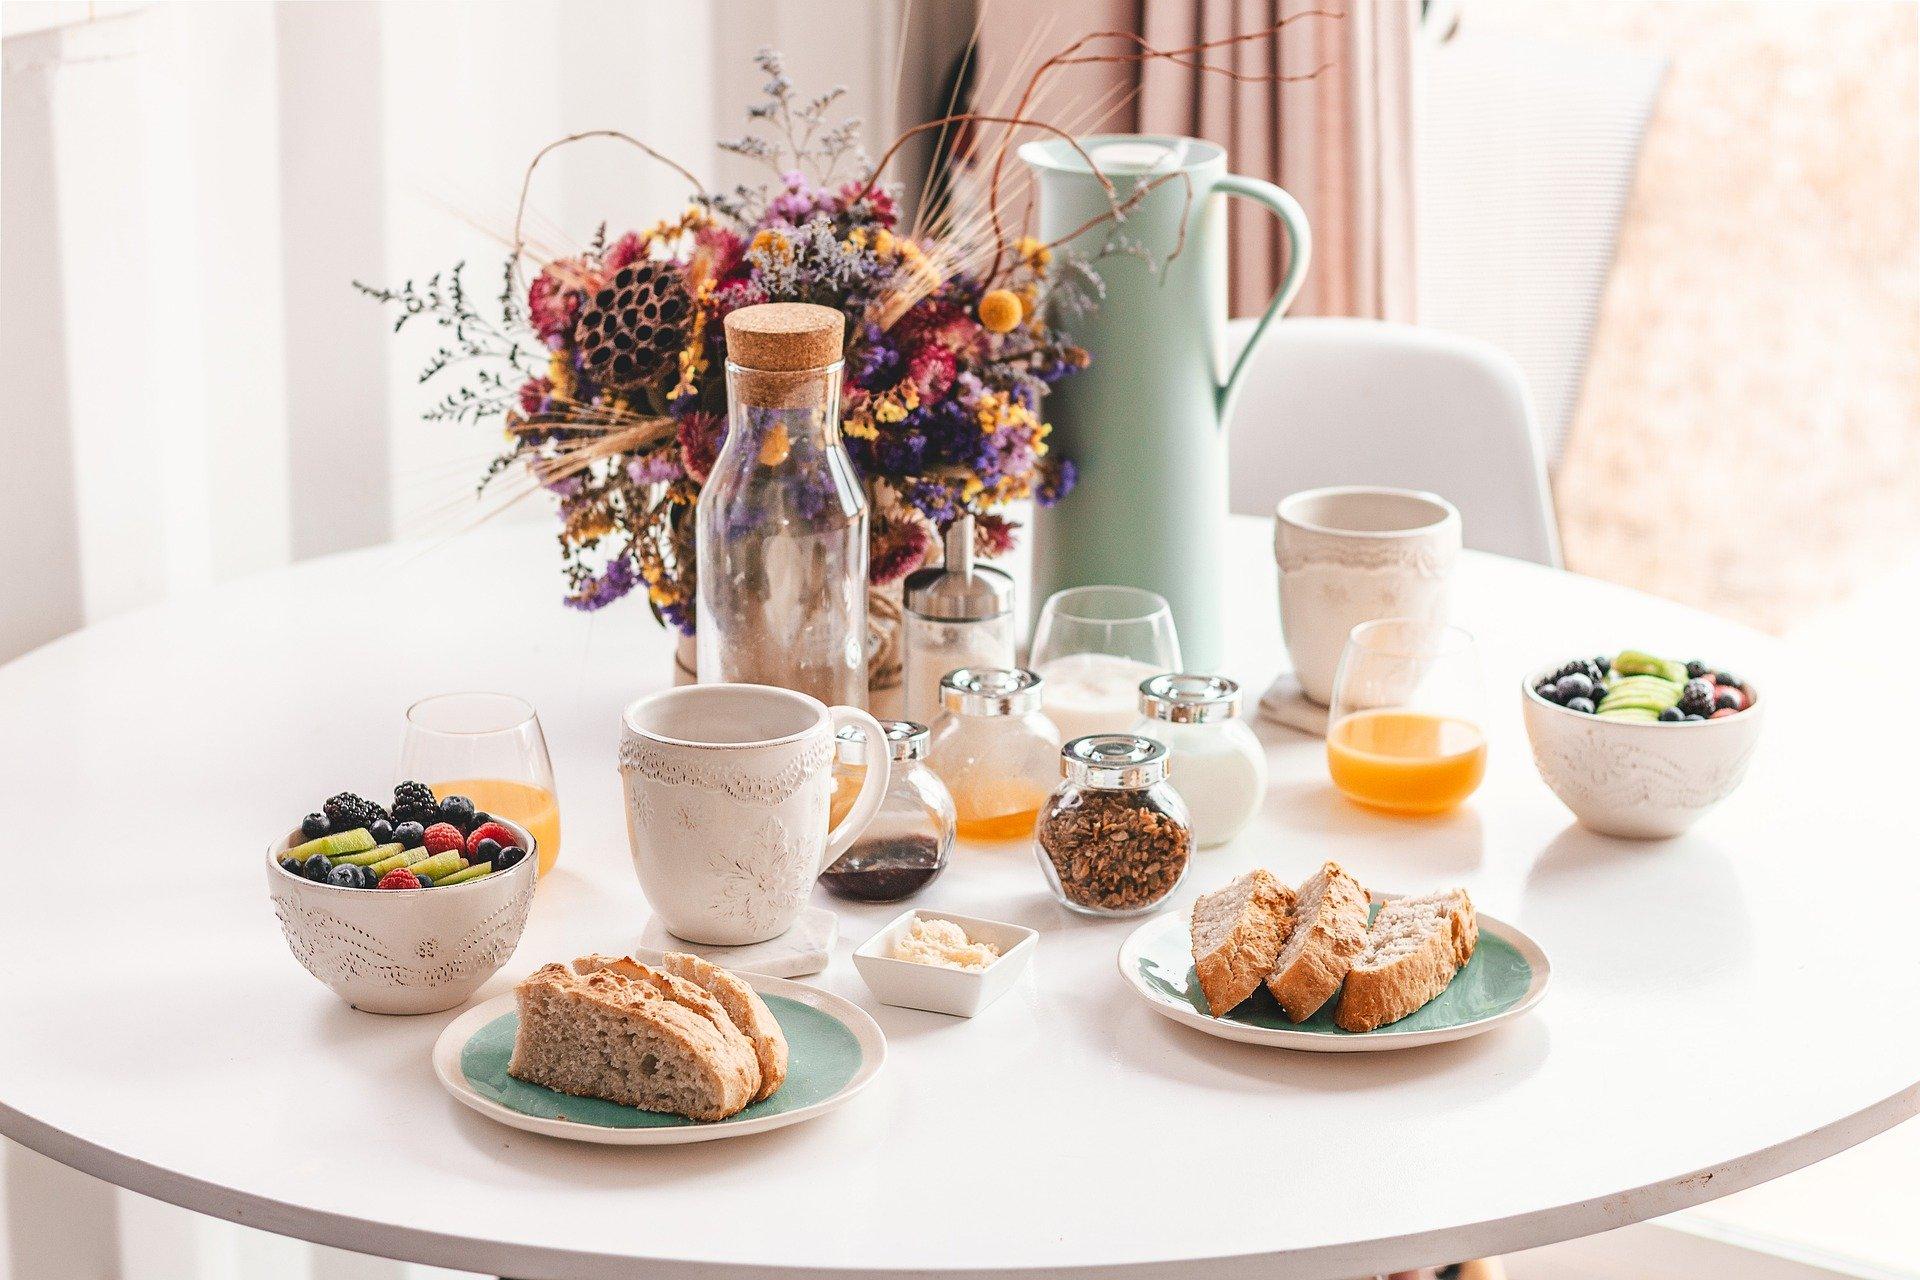 breakfast-4234067_1920.jpg